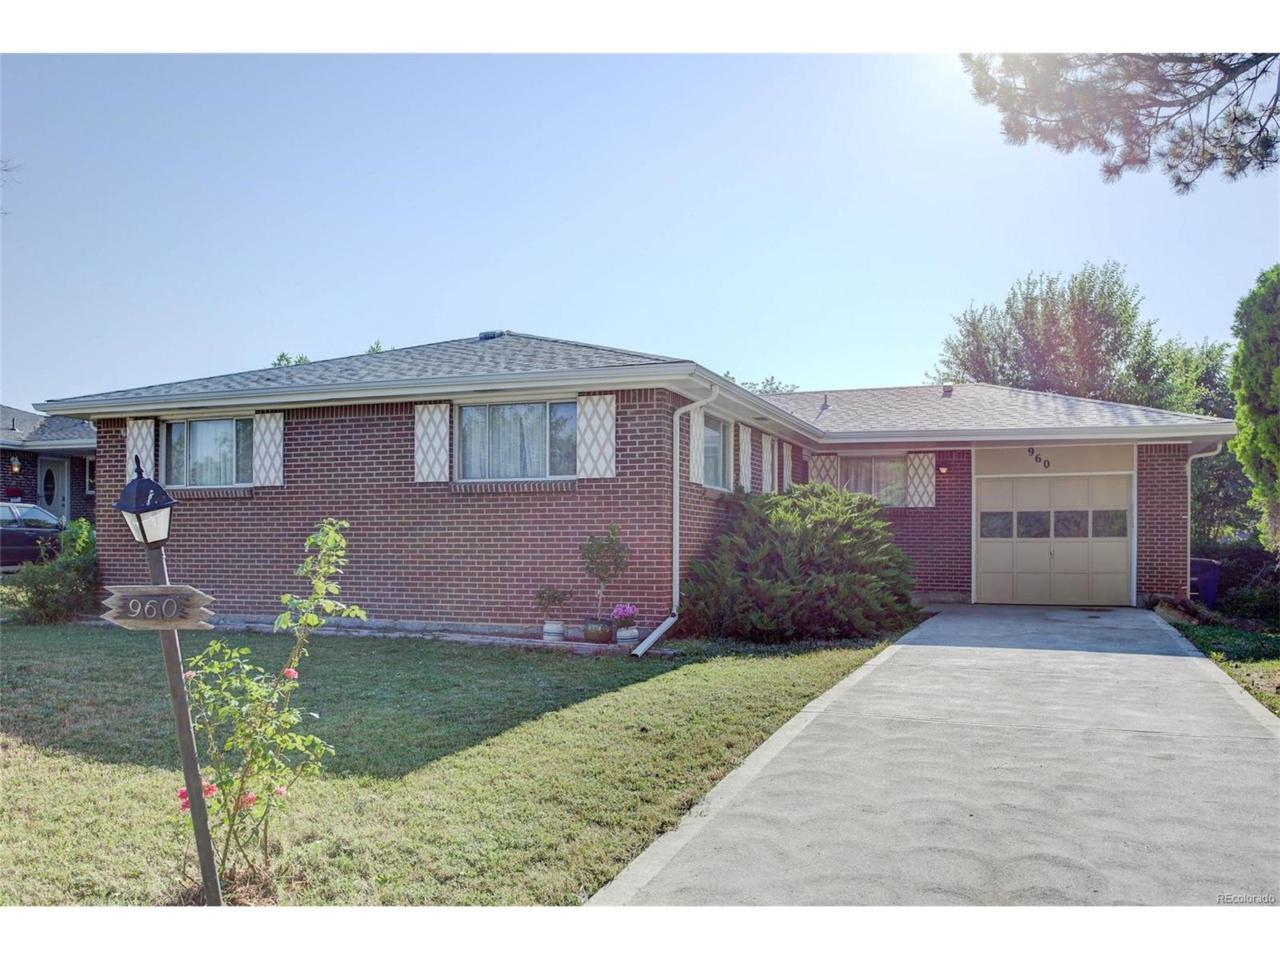 960 Nickel Street, Broomfield, CO 80020 (MLS #4265682) :: 8z Real Estate